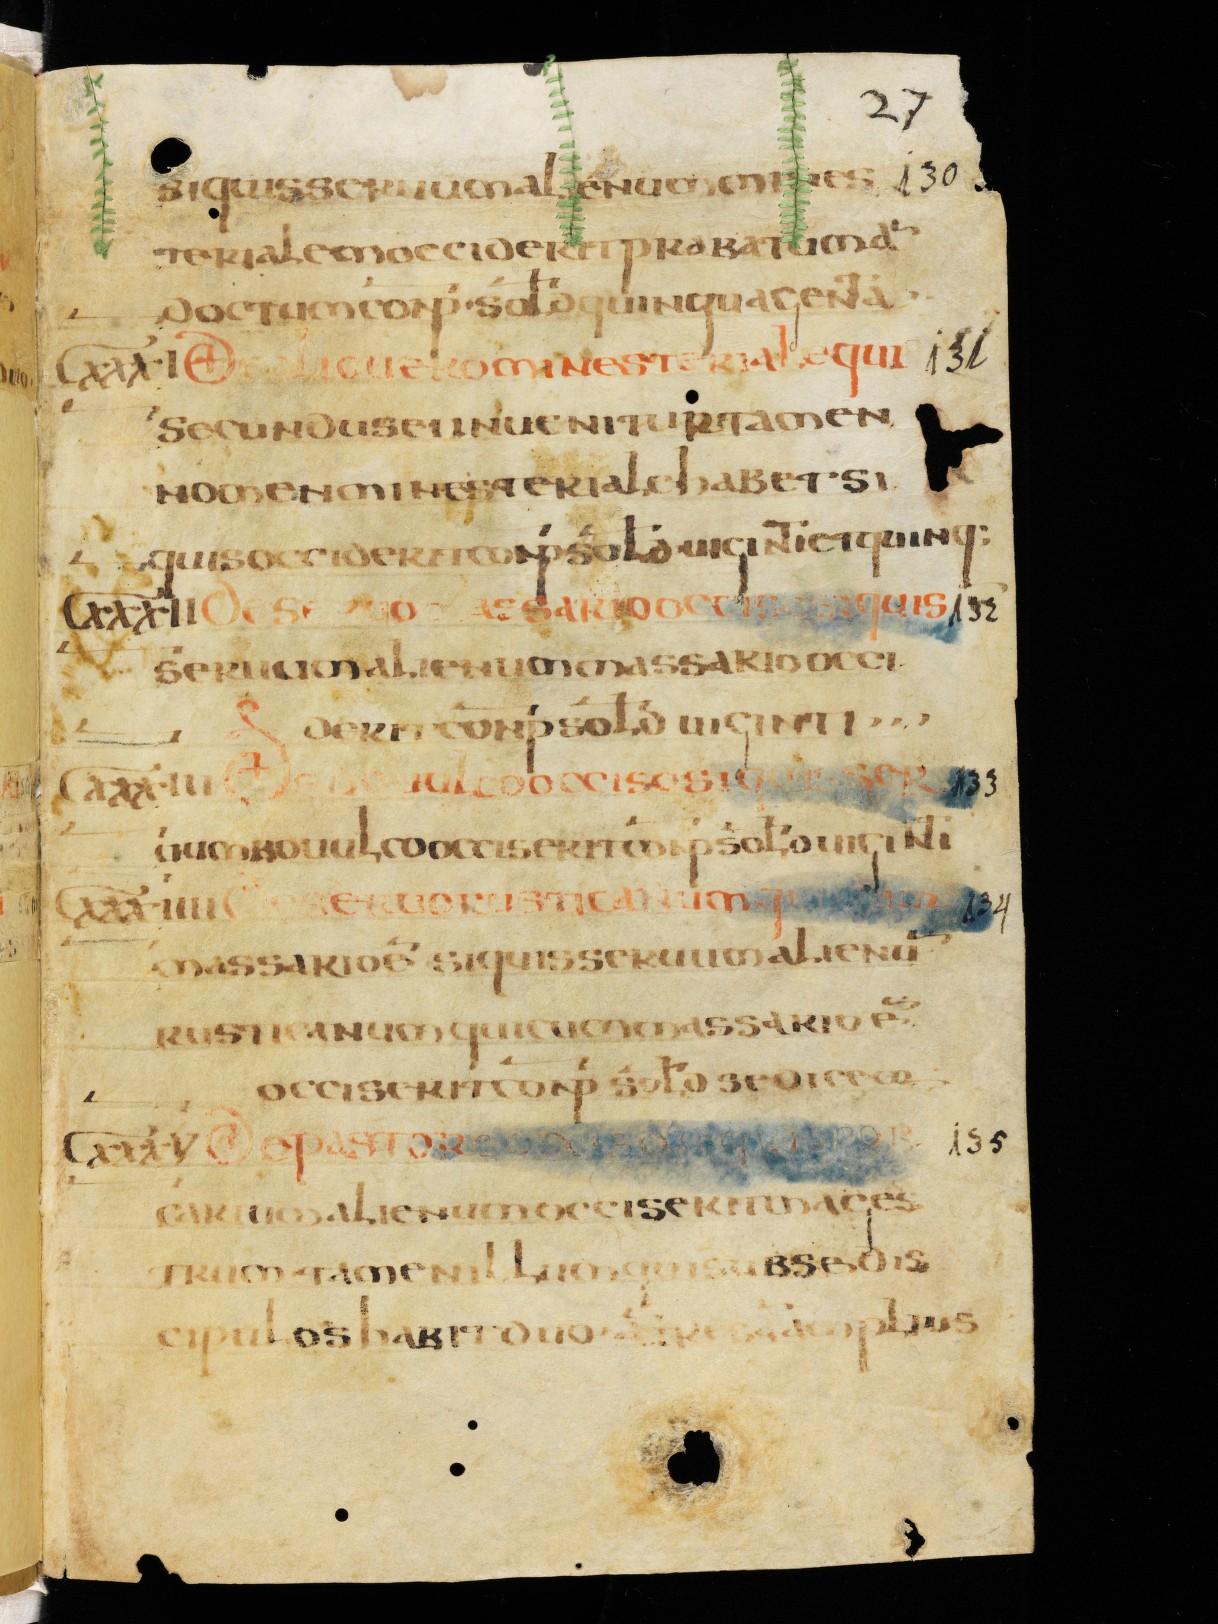 Cod. Sang. 730, p. 27